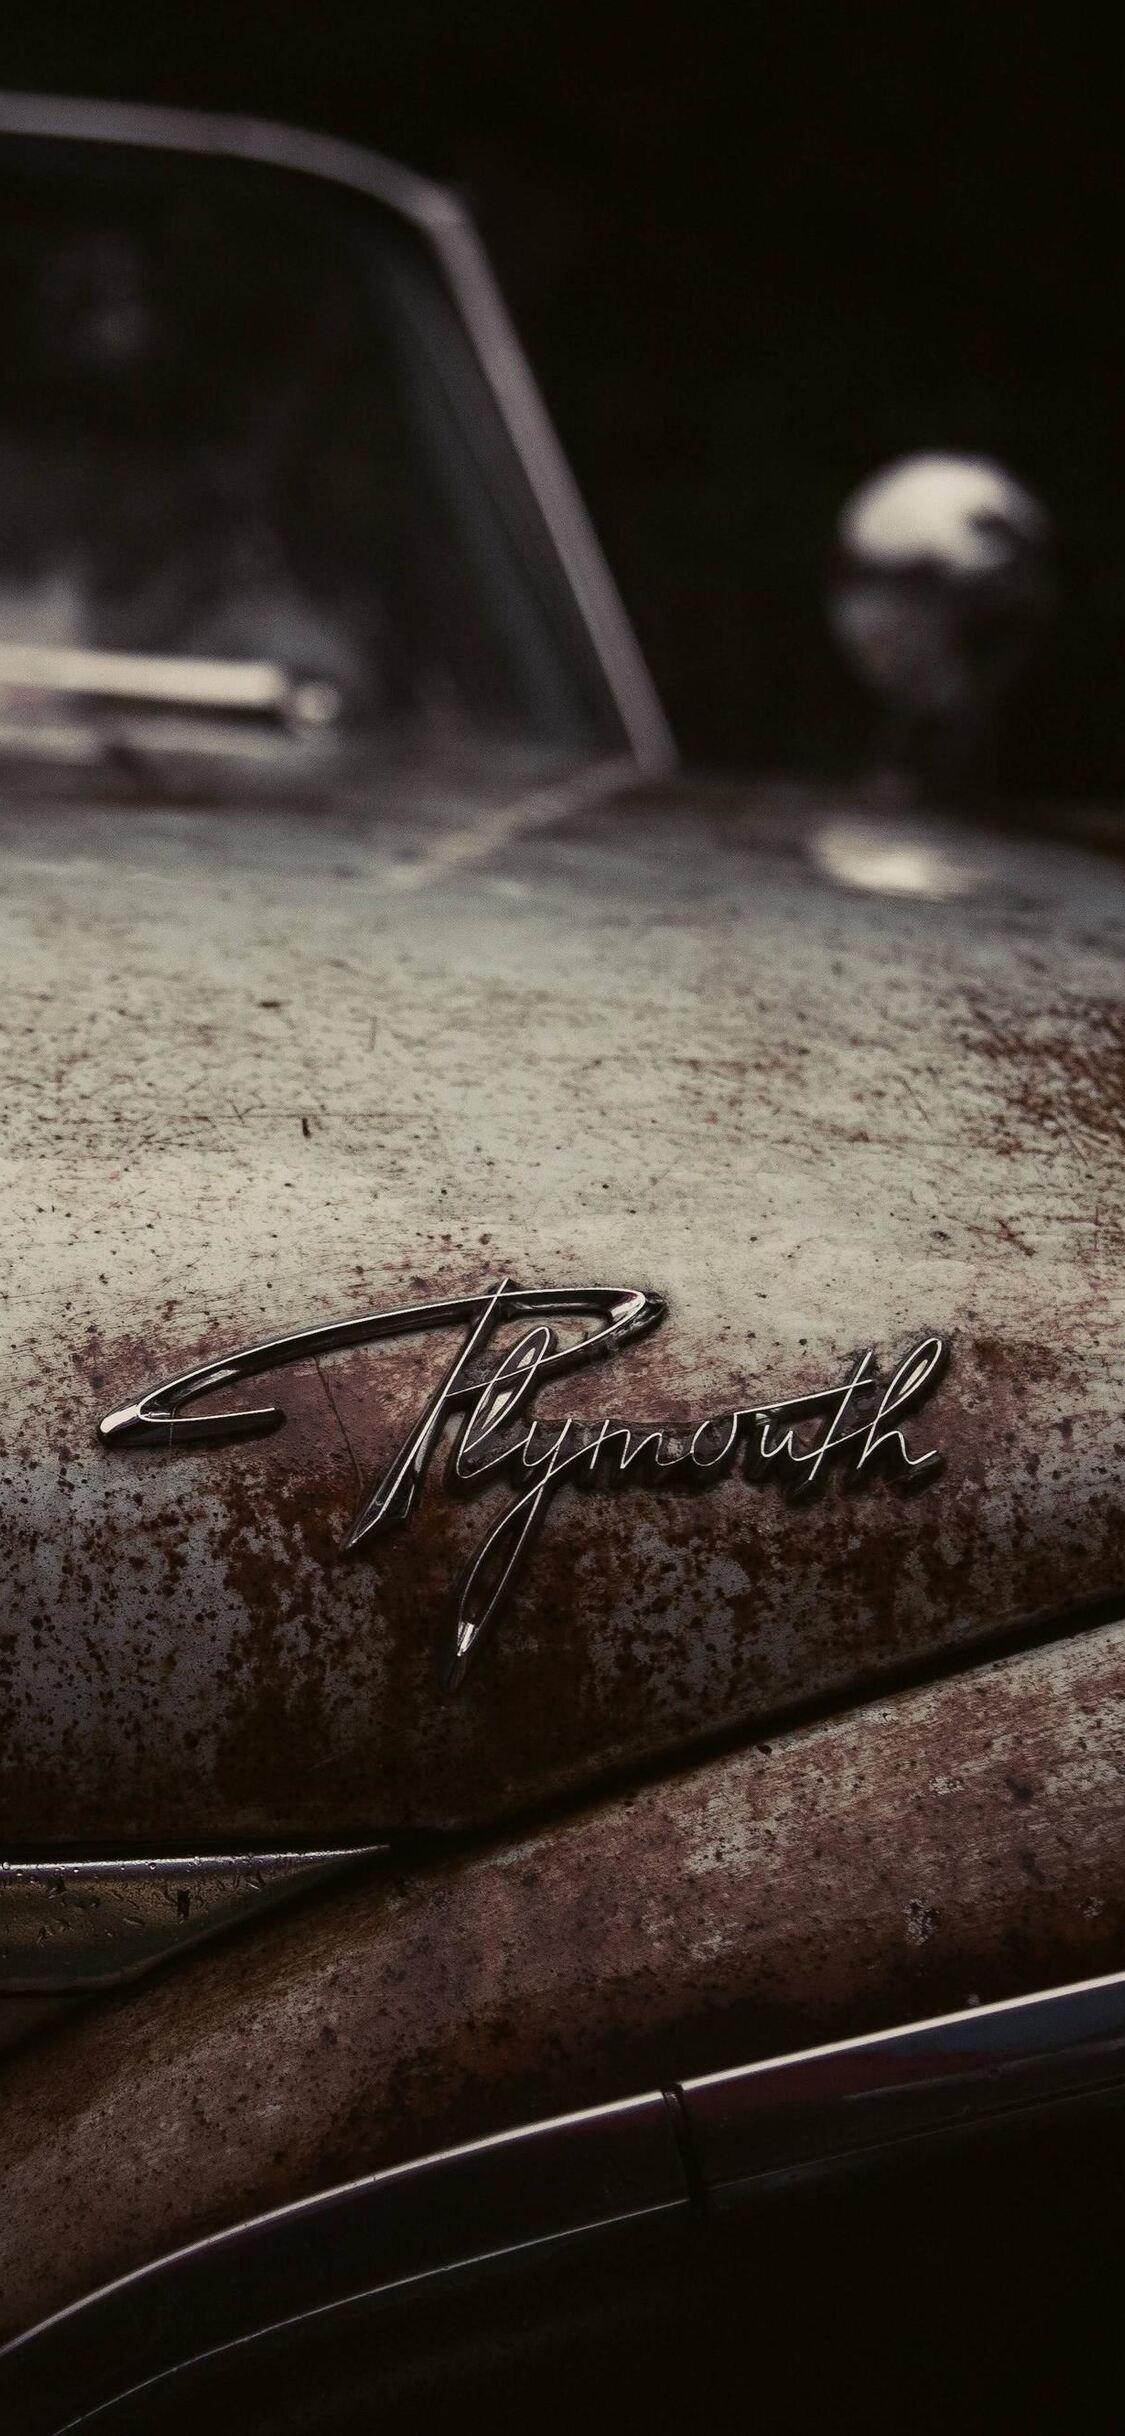 vintage retro car image